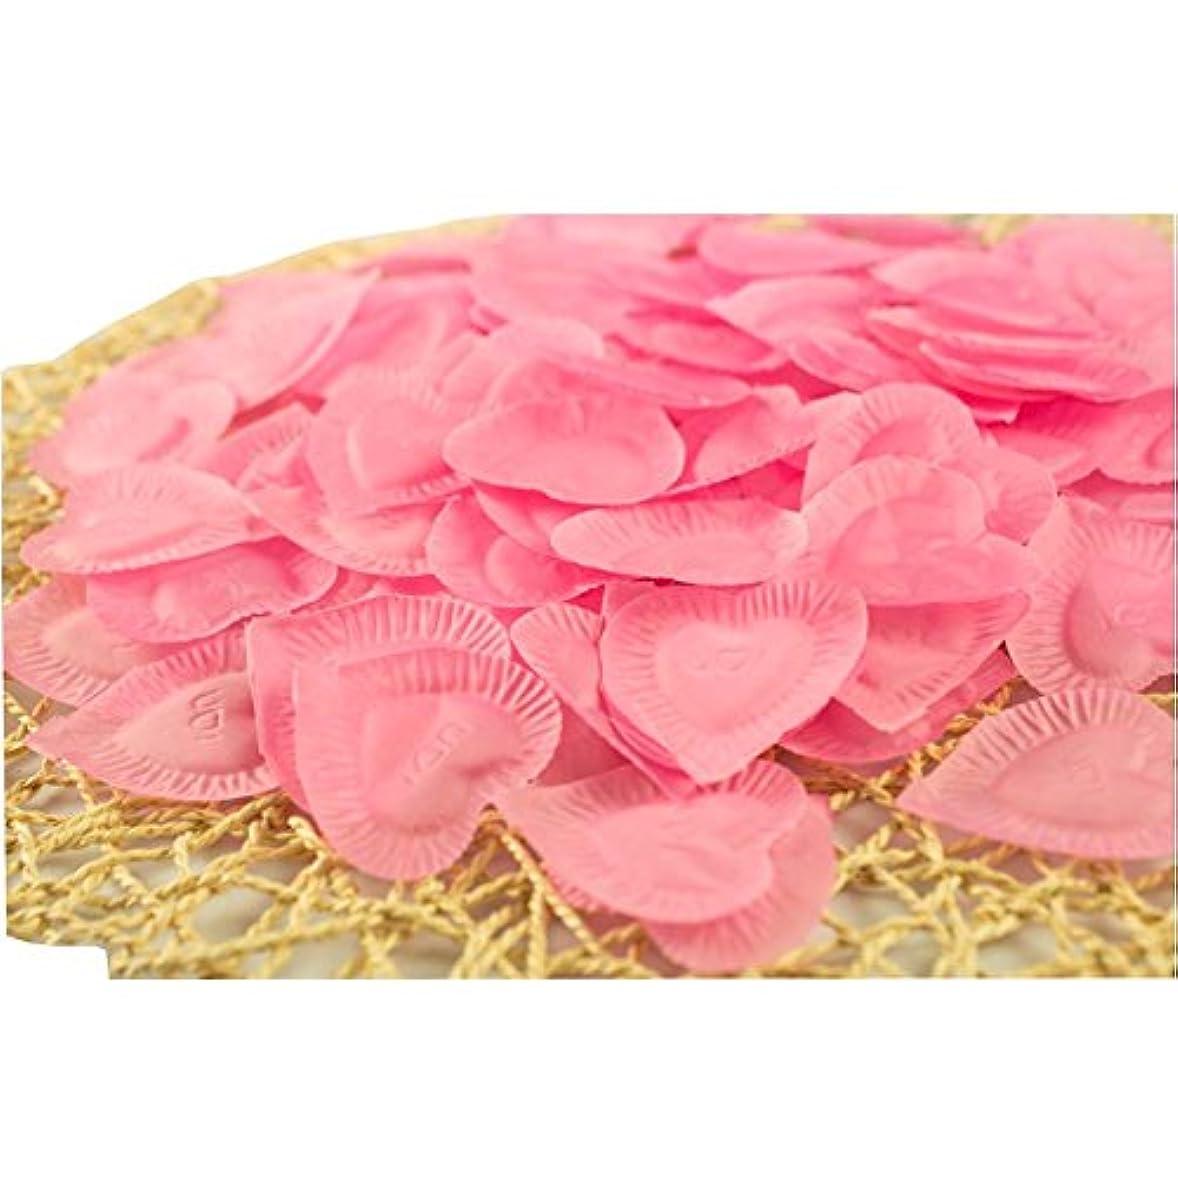 怪物露出度の高い失望結婚式のための人工花びらのバレンタイン840個